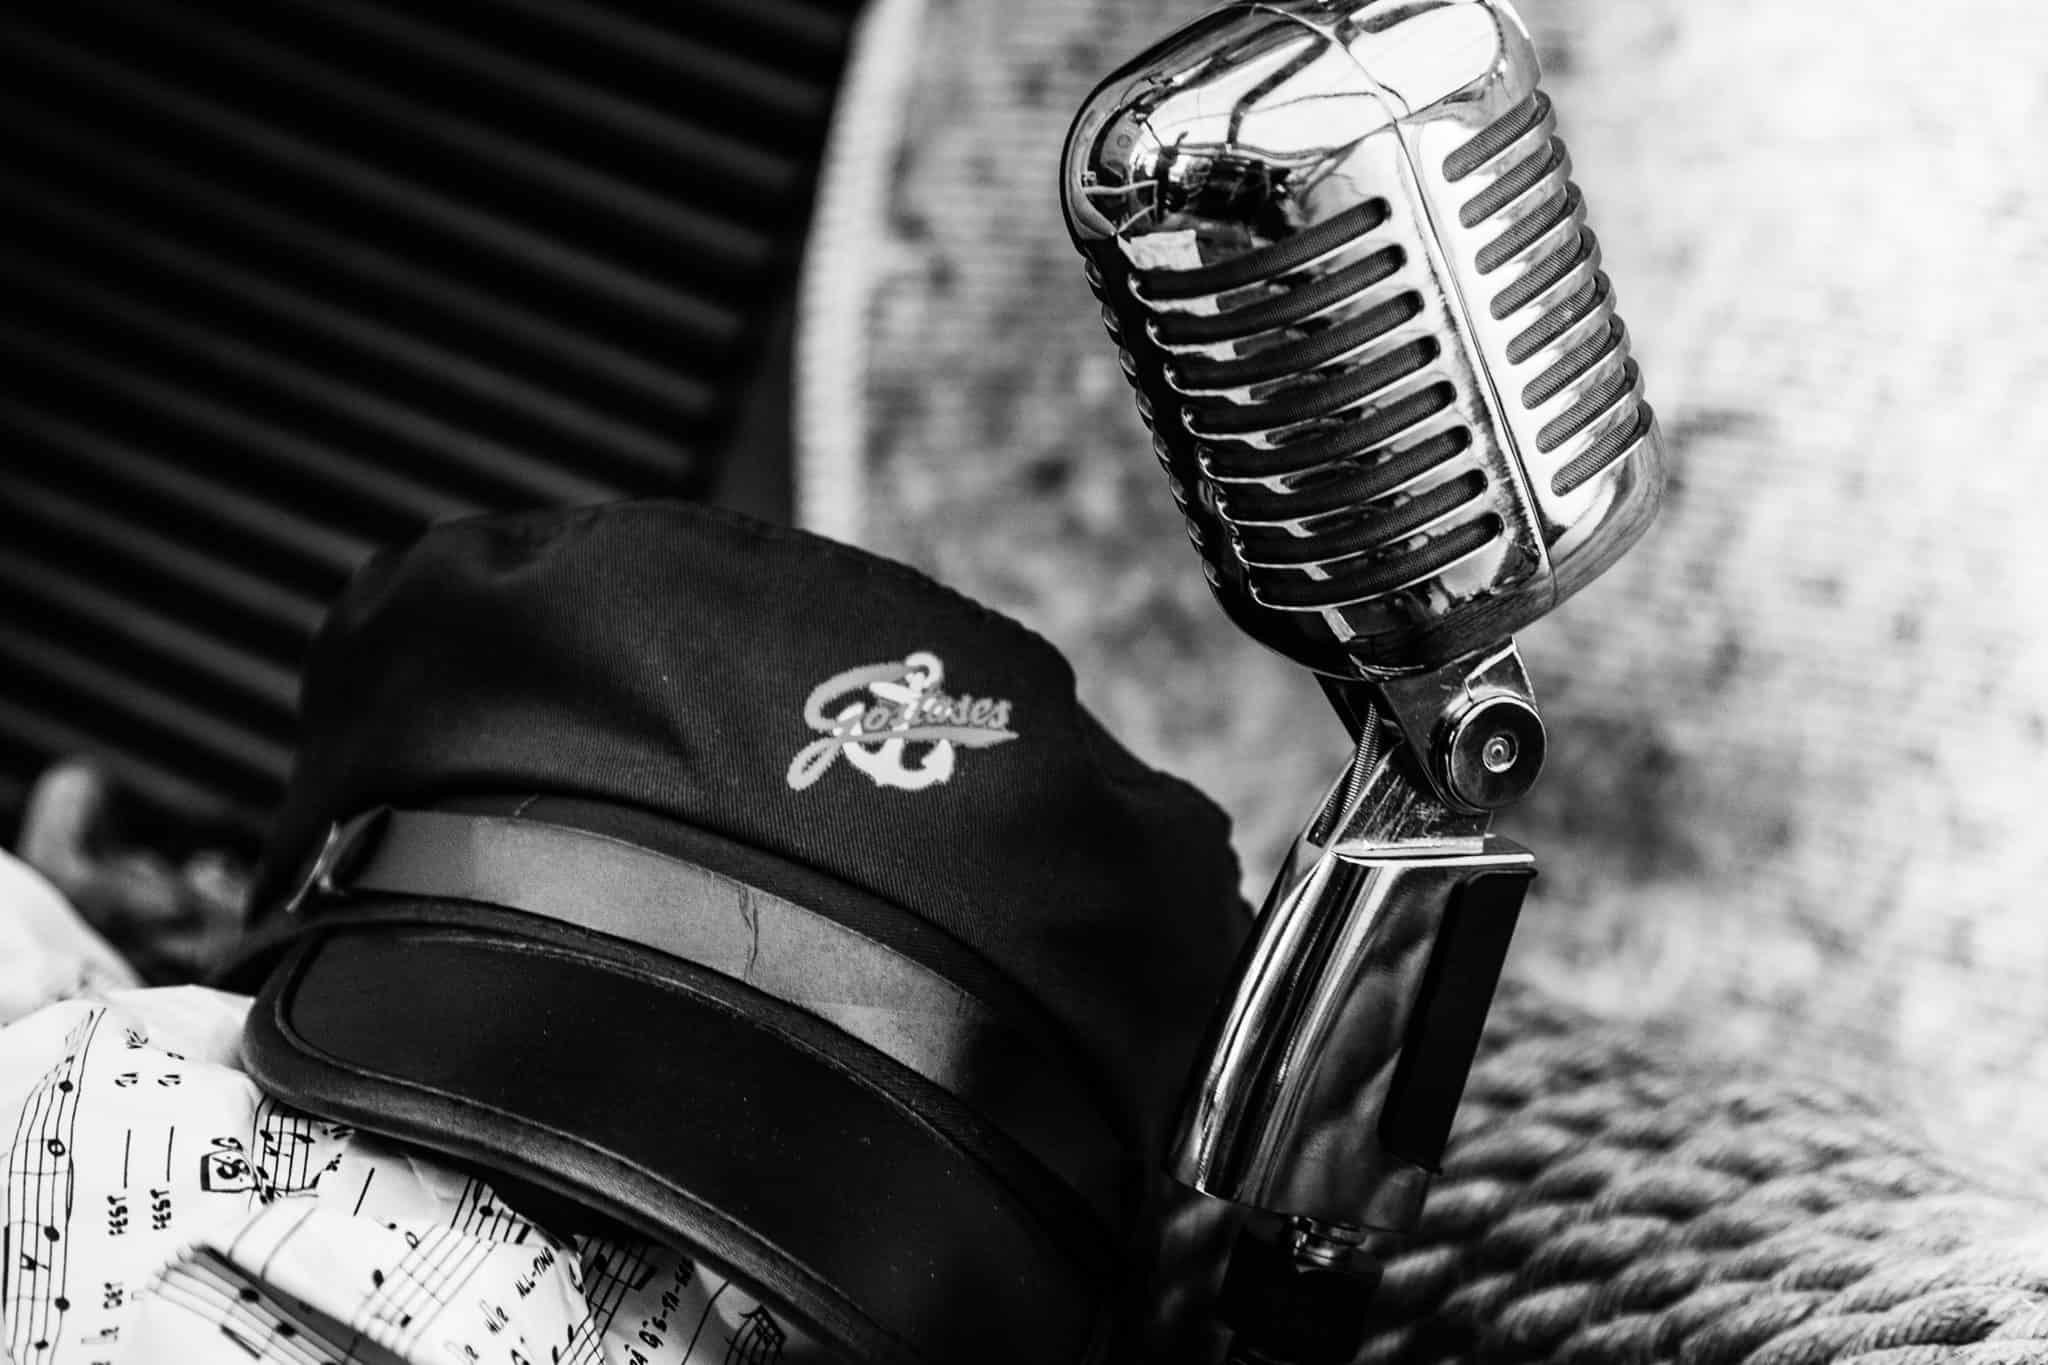 Svartvit bild på mikrofon med en keps.